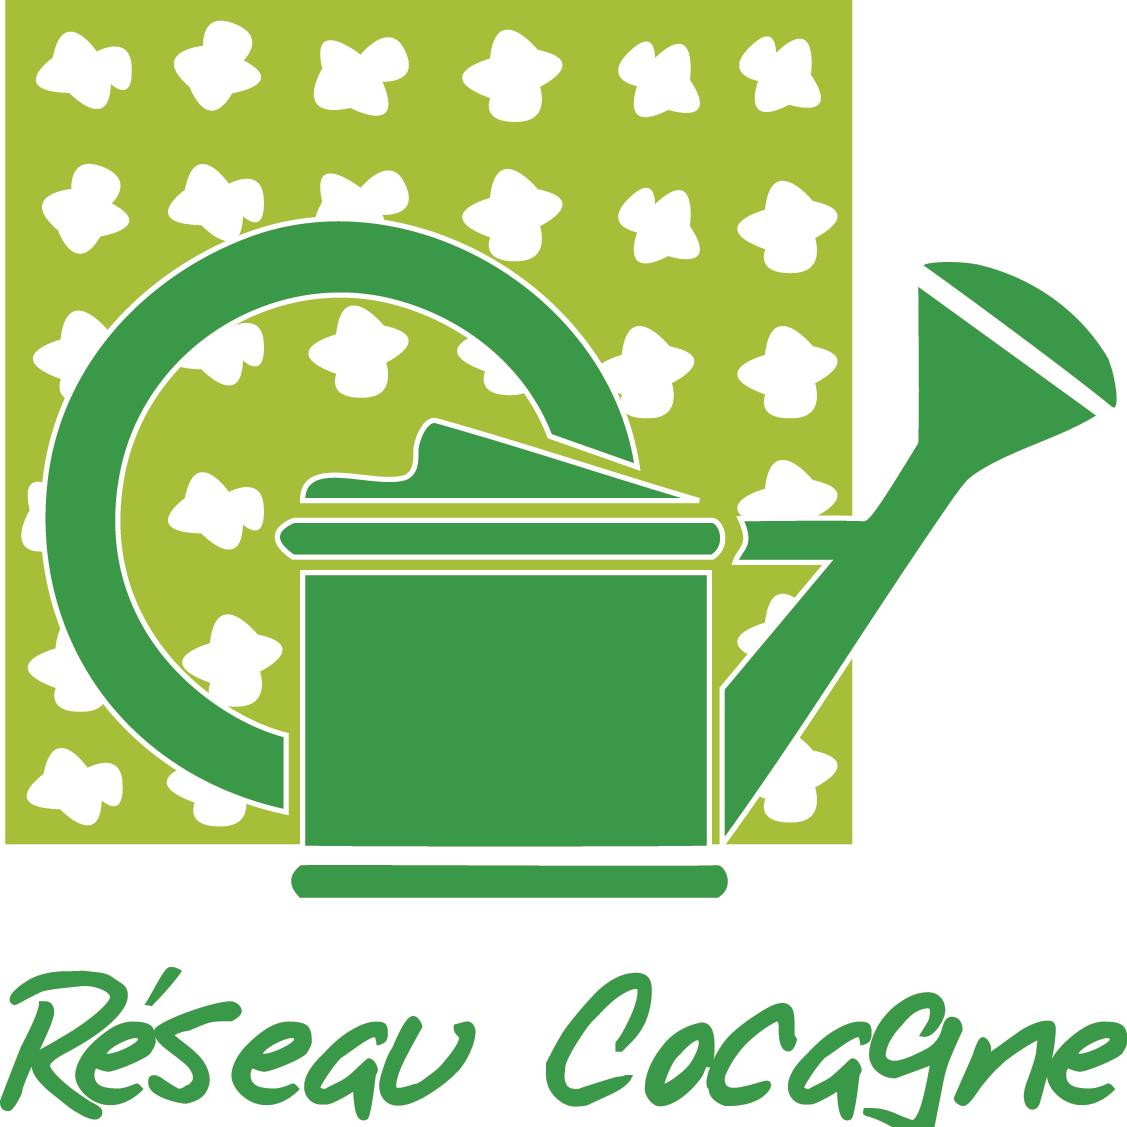 koom-cop21-jardin-cocagne-logo-png